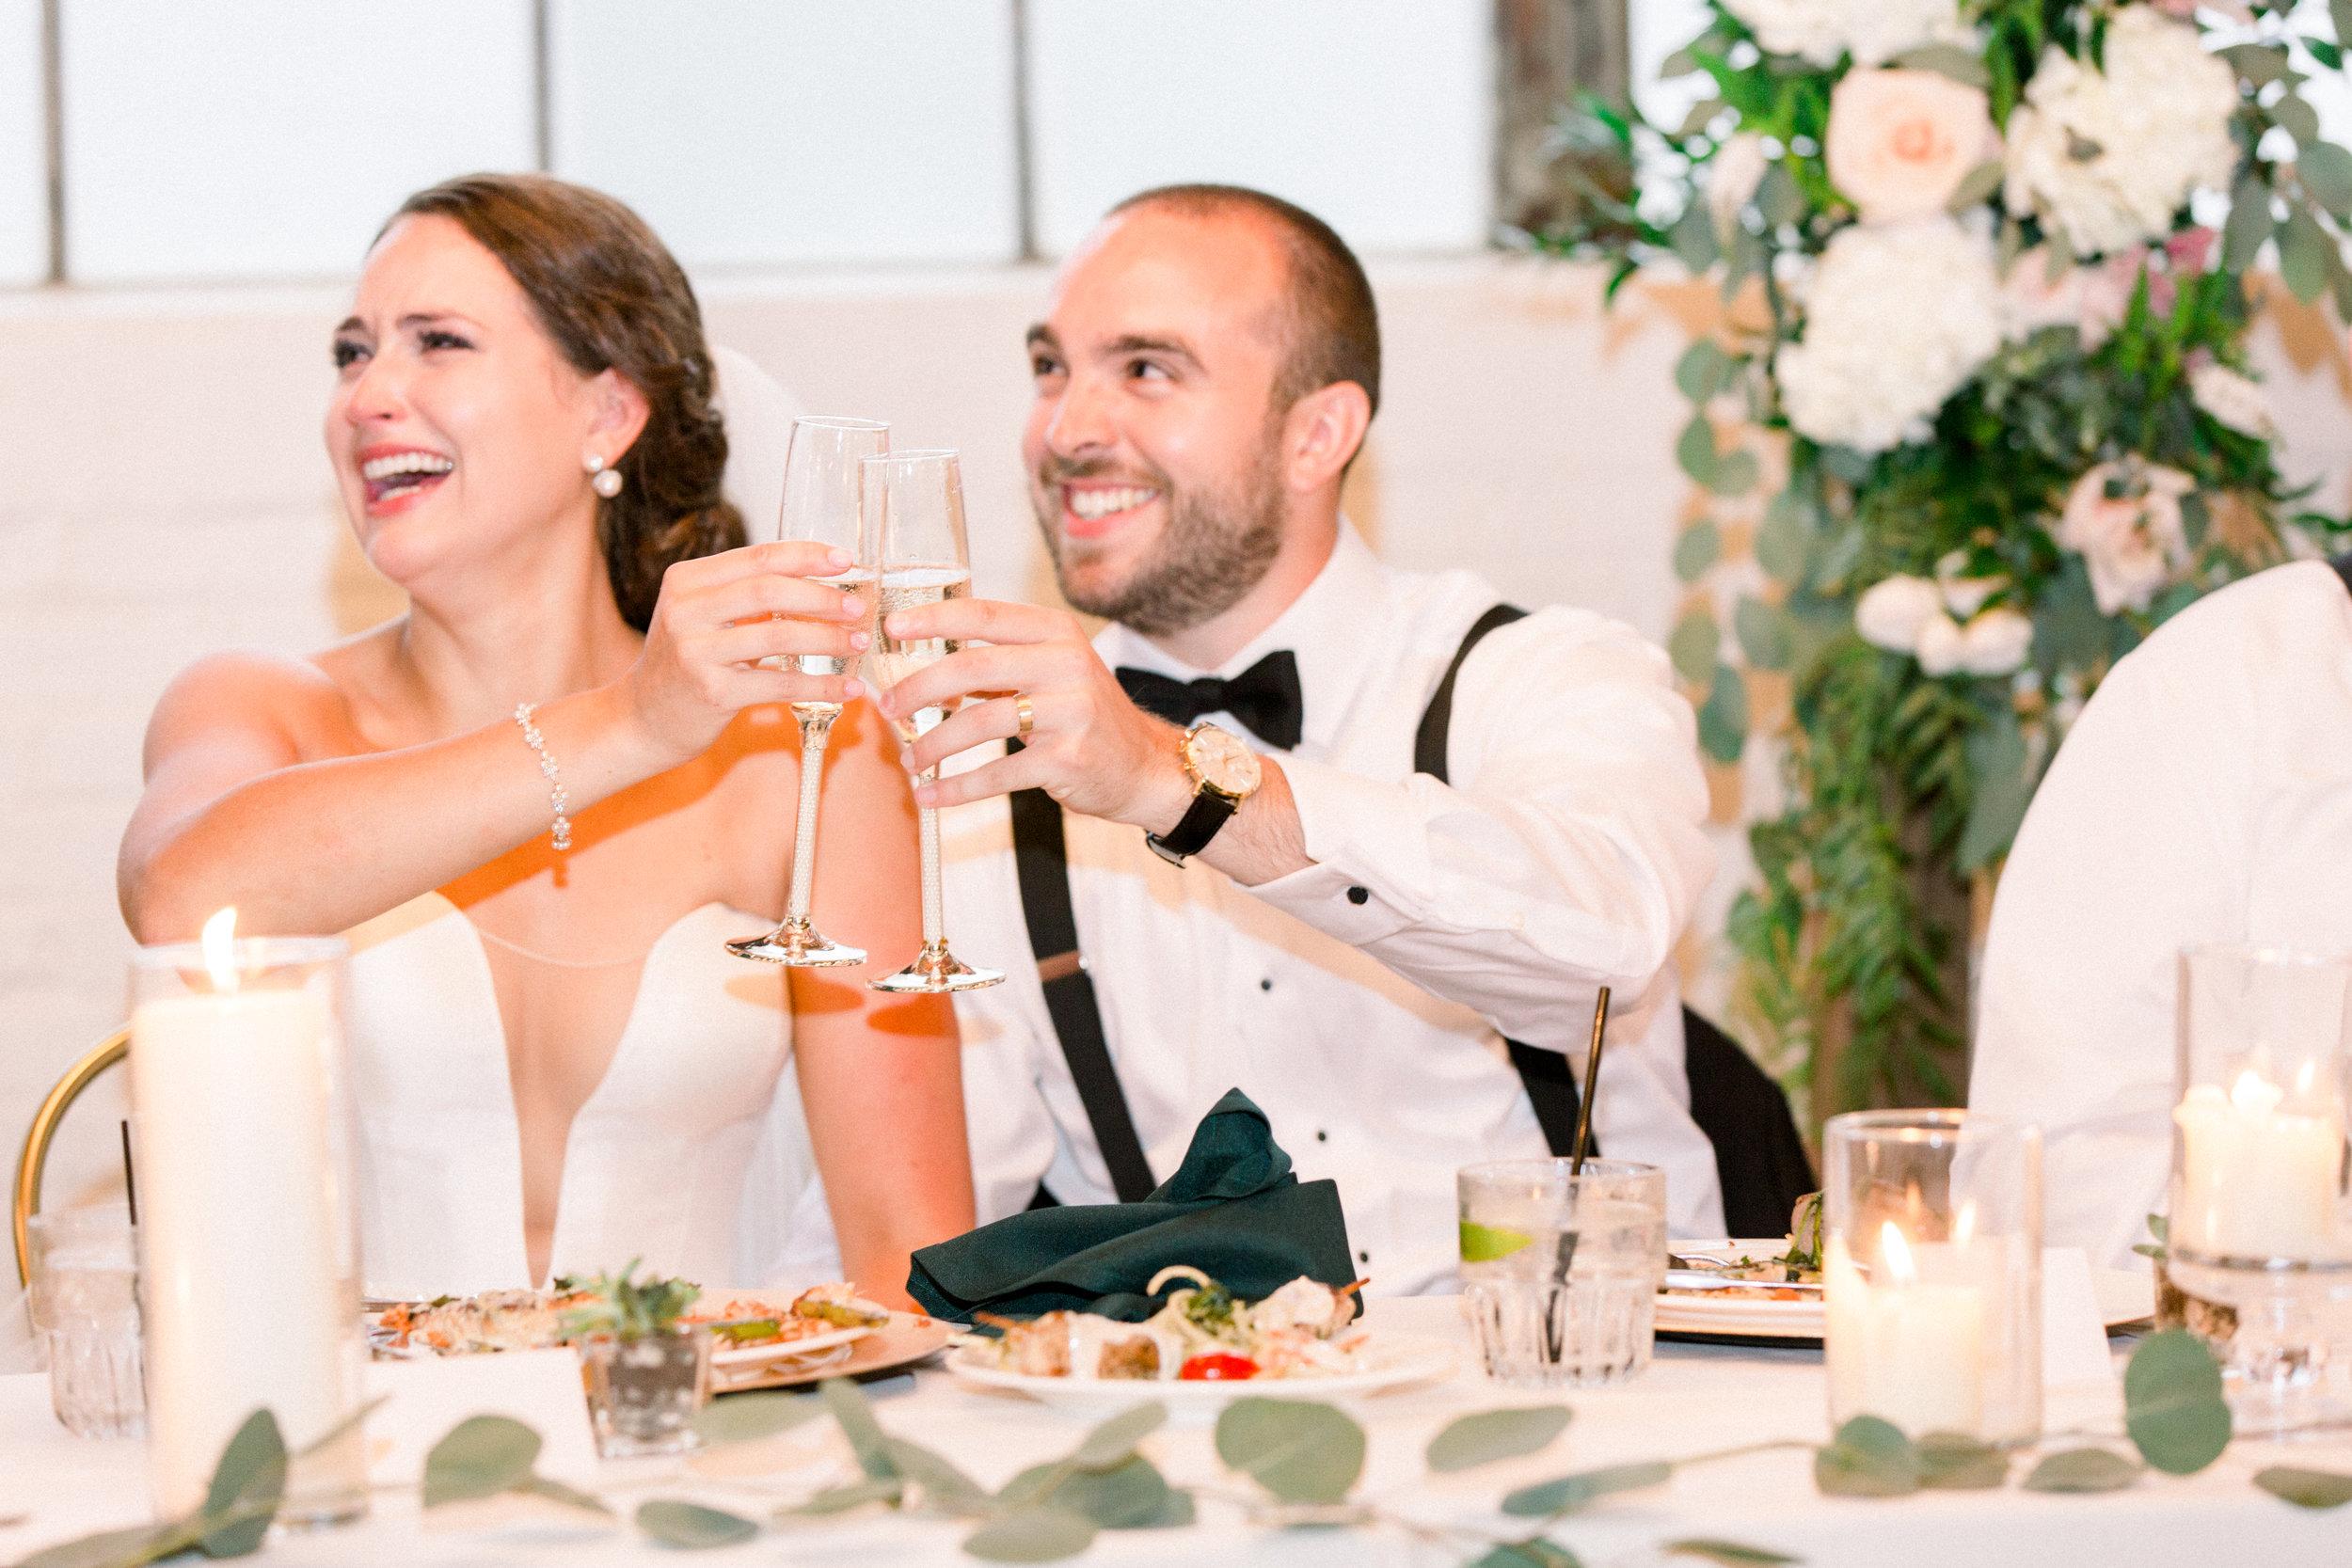 Steiner+Wedding+Reception+SpeechesMOH-45.jpg